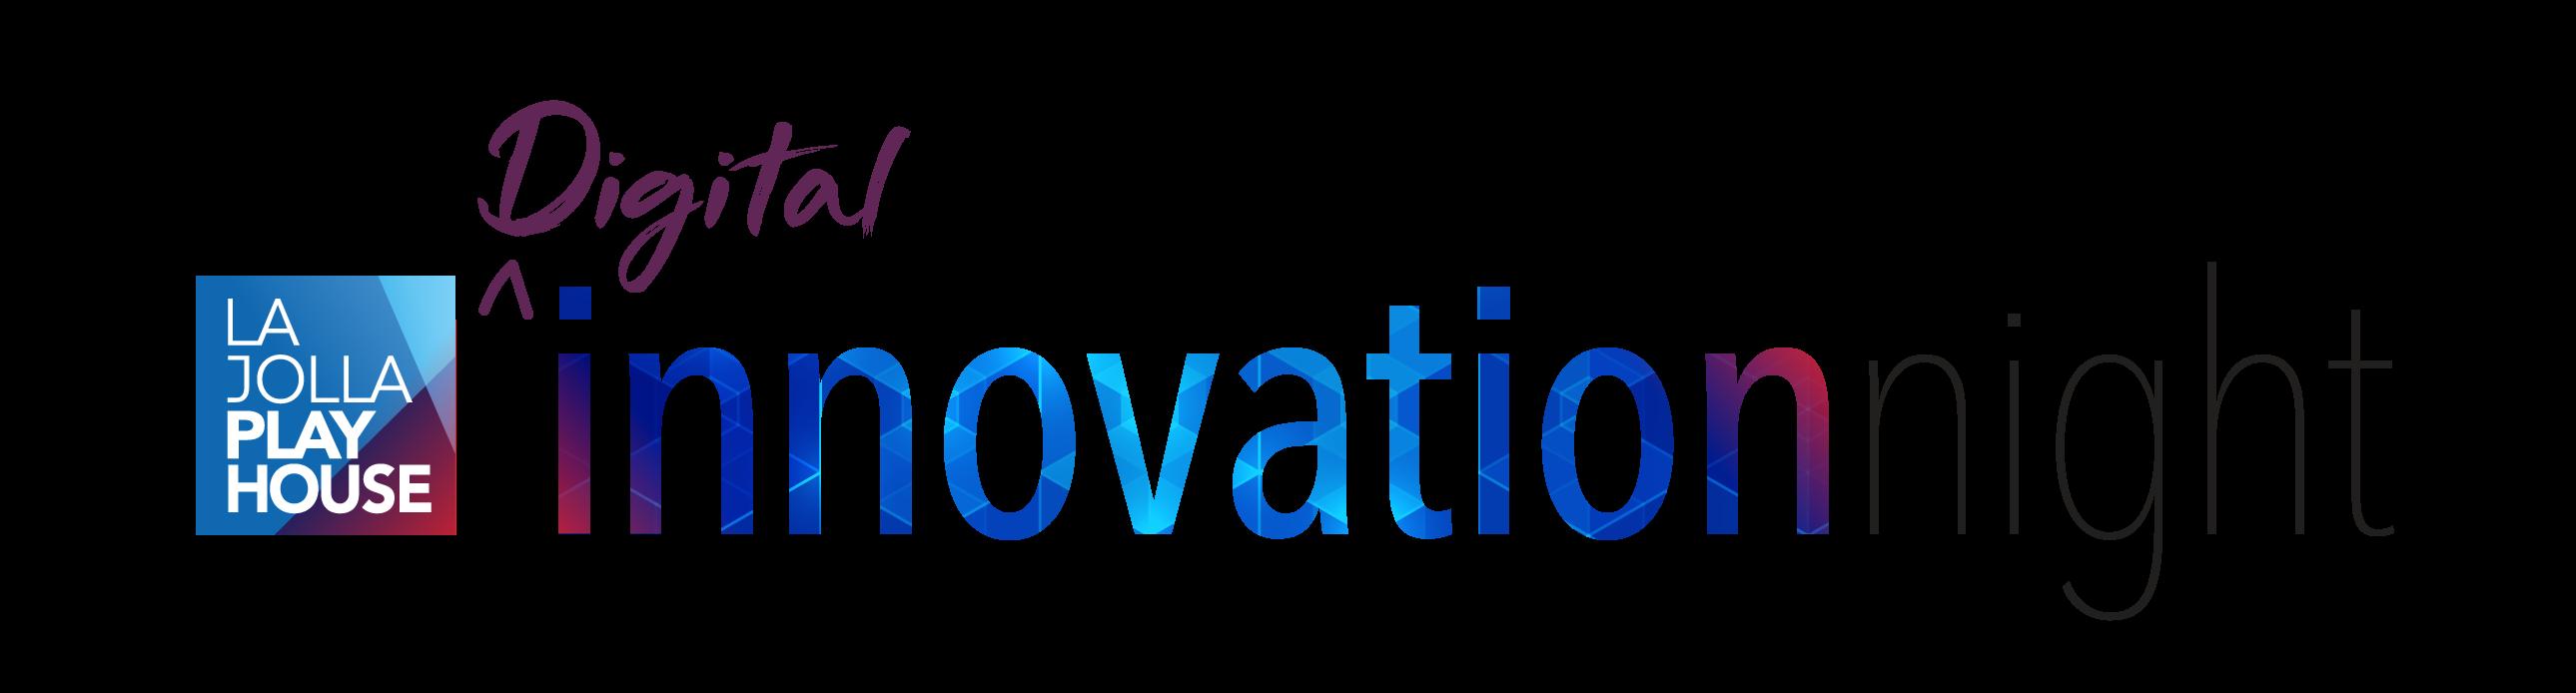 Digital Innovation Night logo